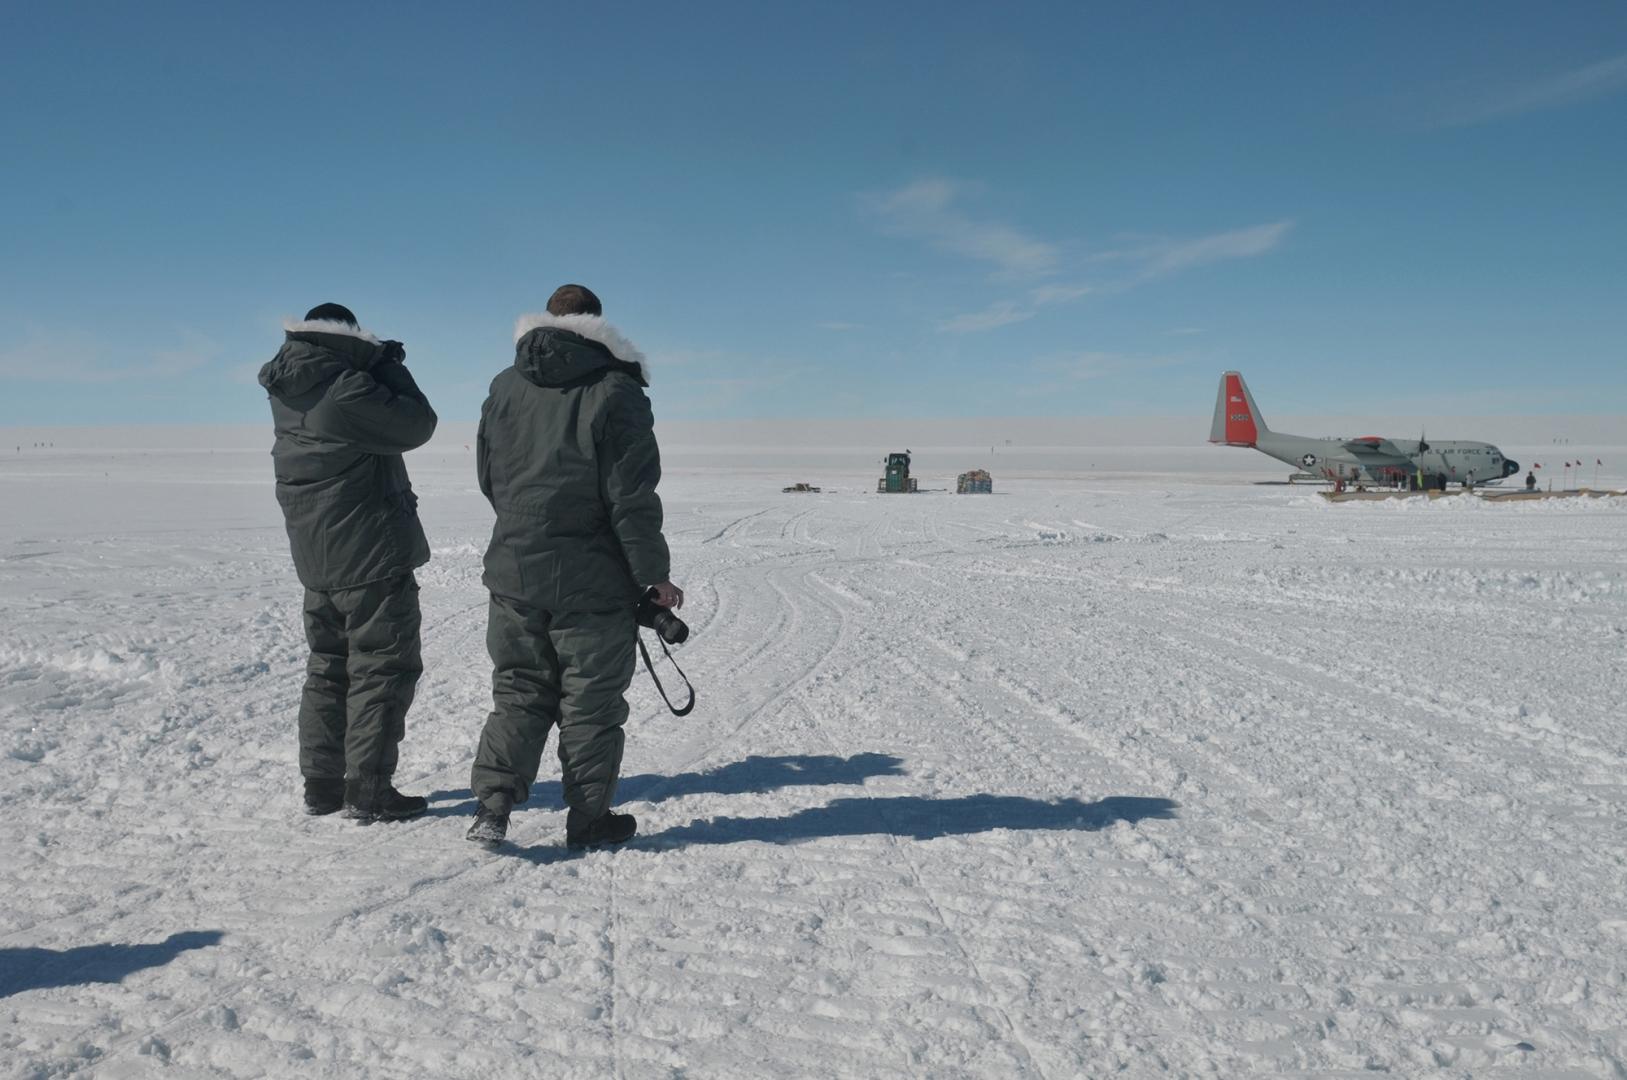 Национальная гвардия New York Air осуществляет поддержку миссии армии США в Гренландии